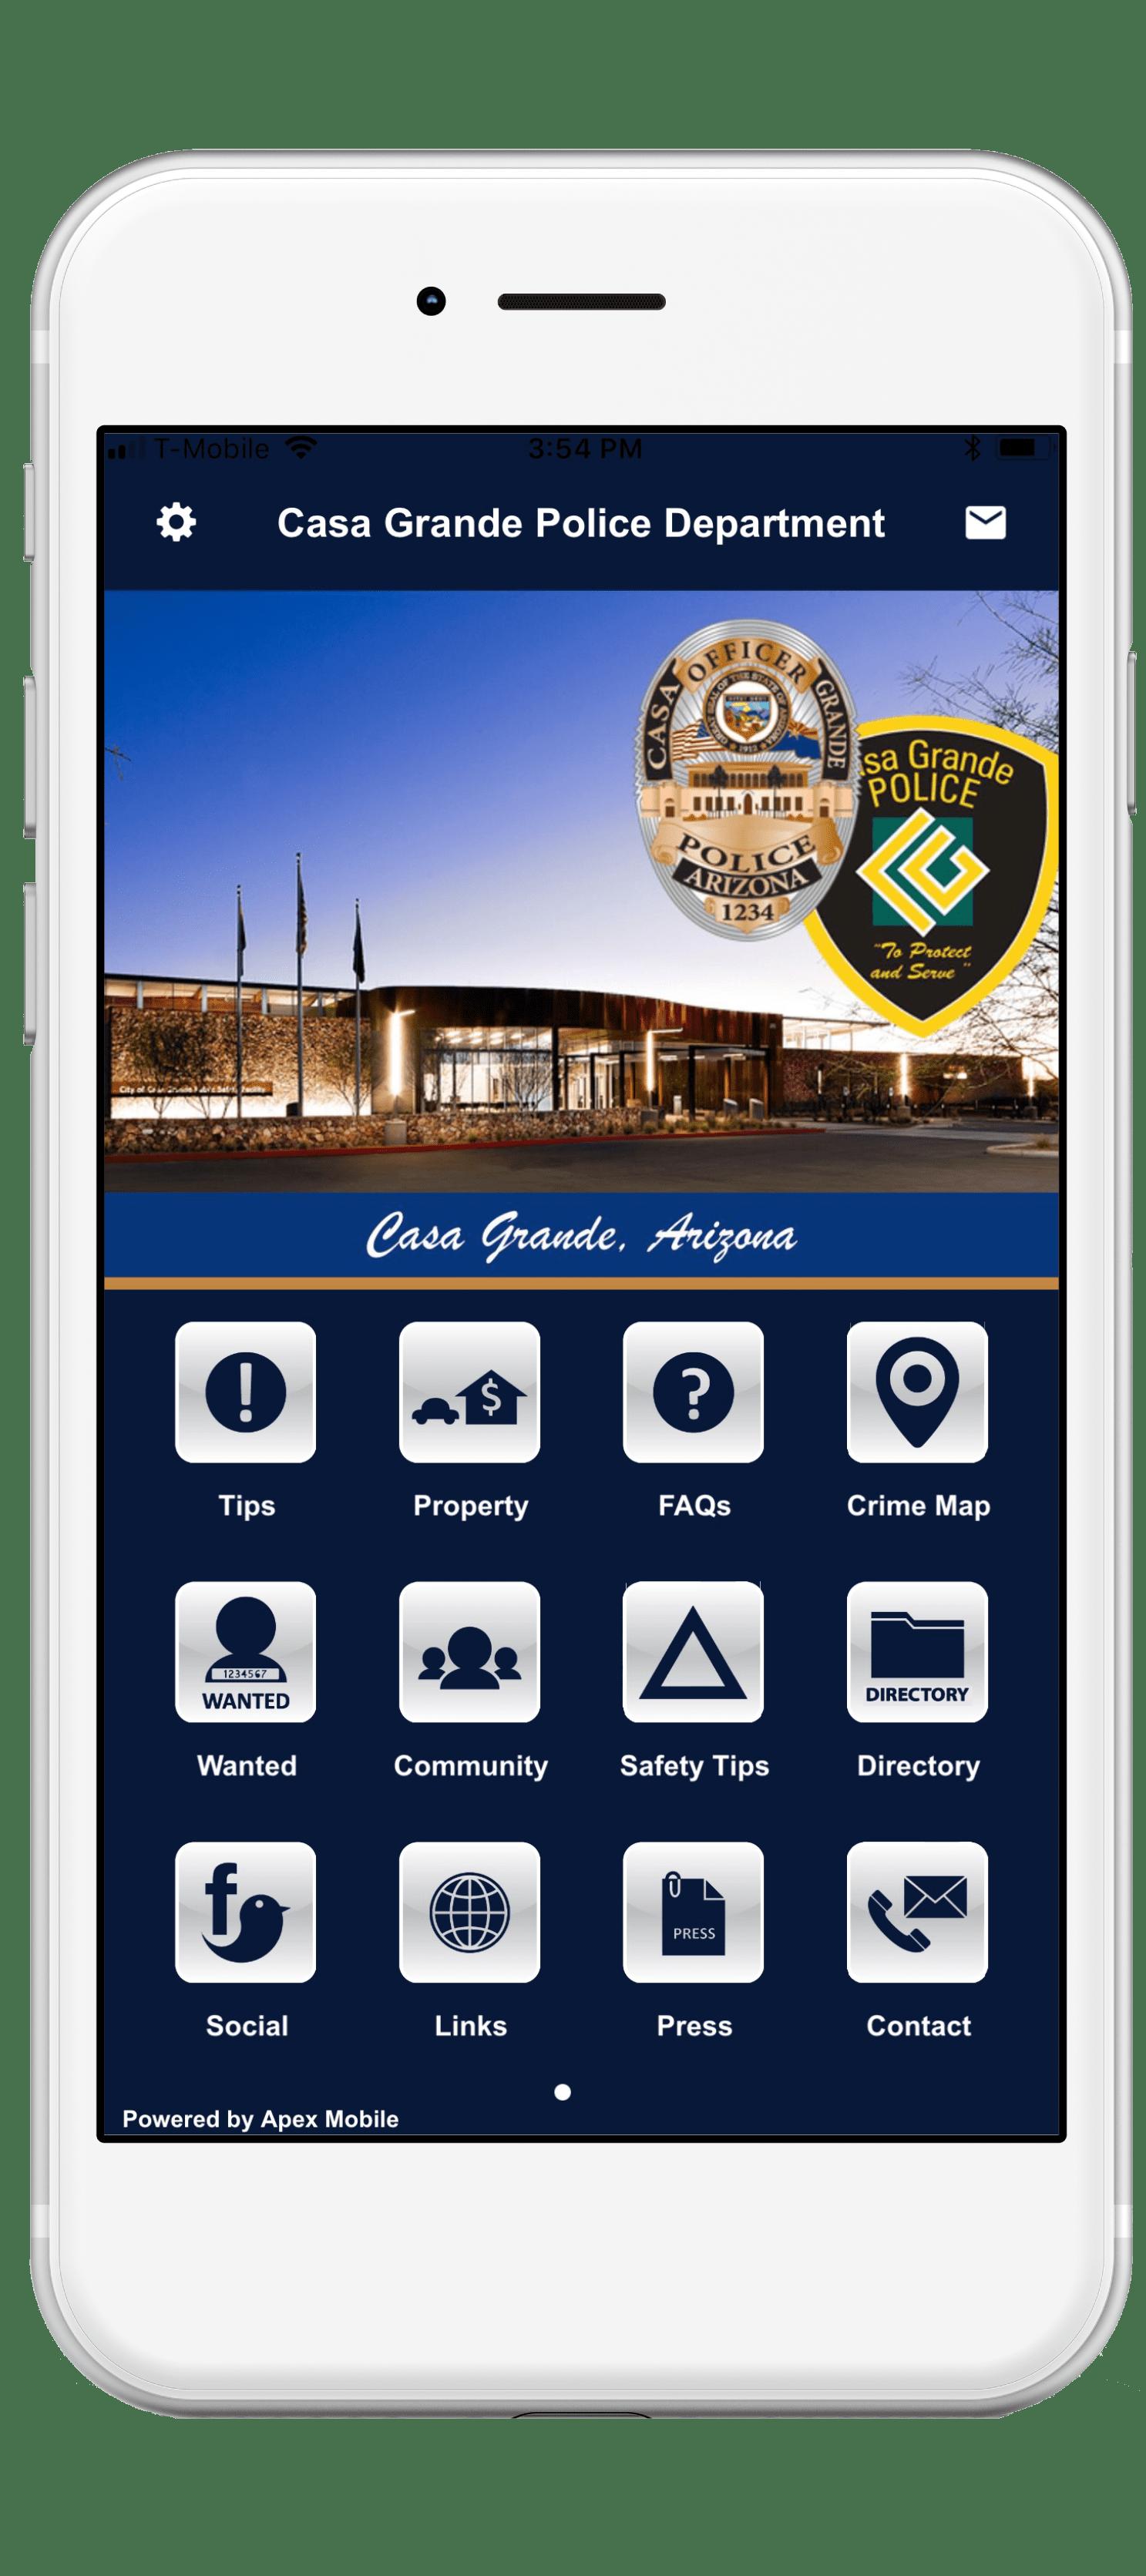 casa grande police department mobile app screenshot-min